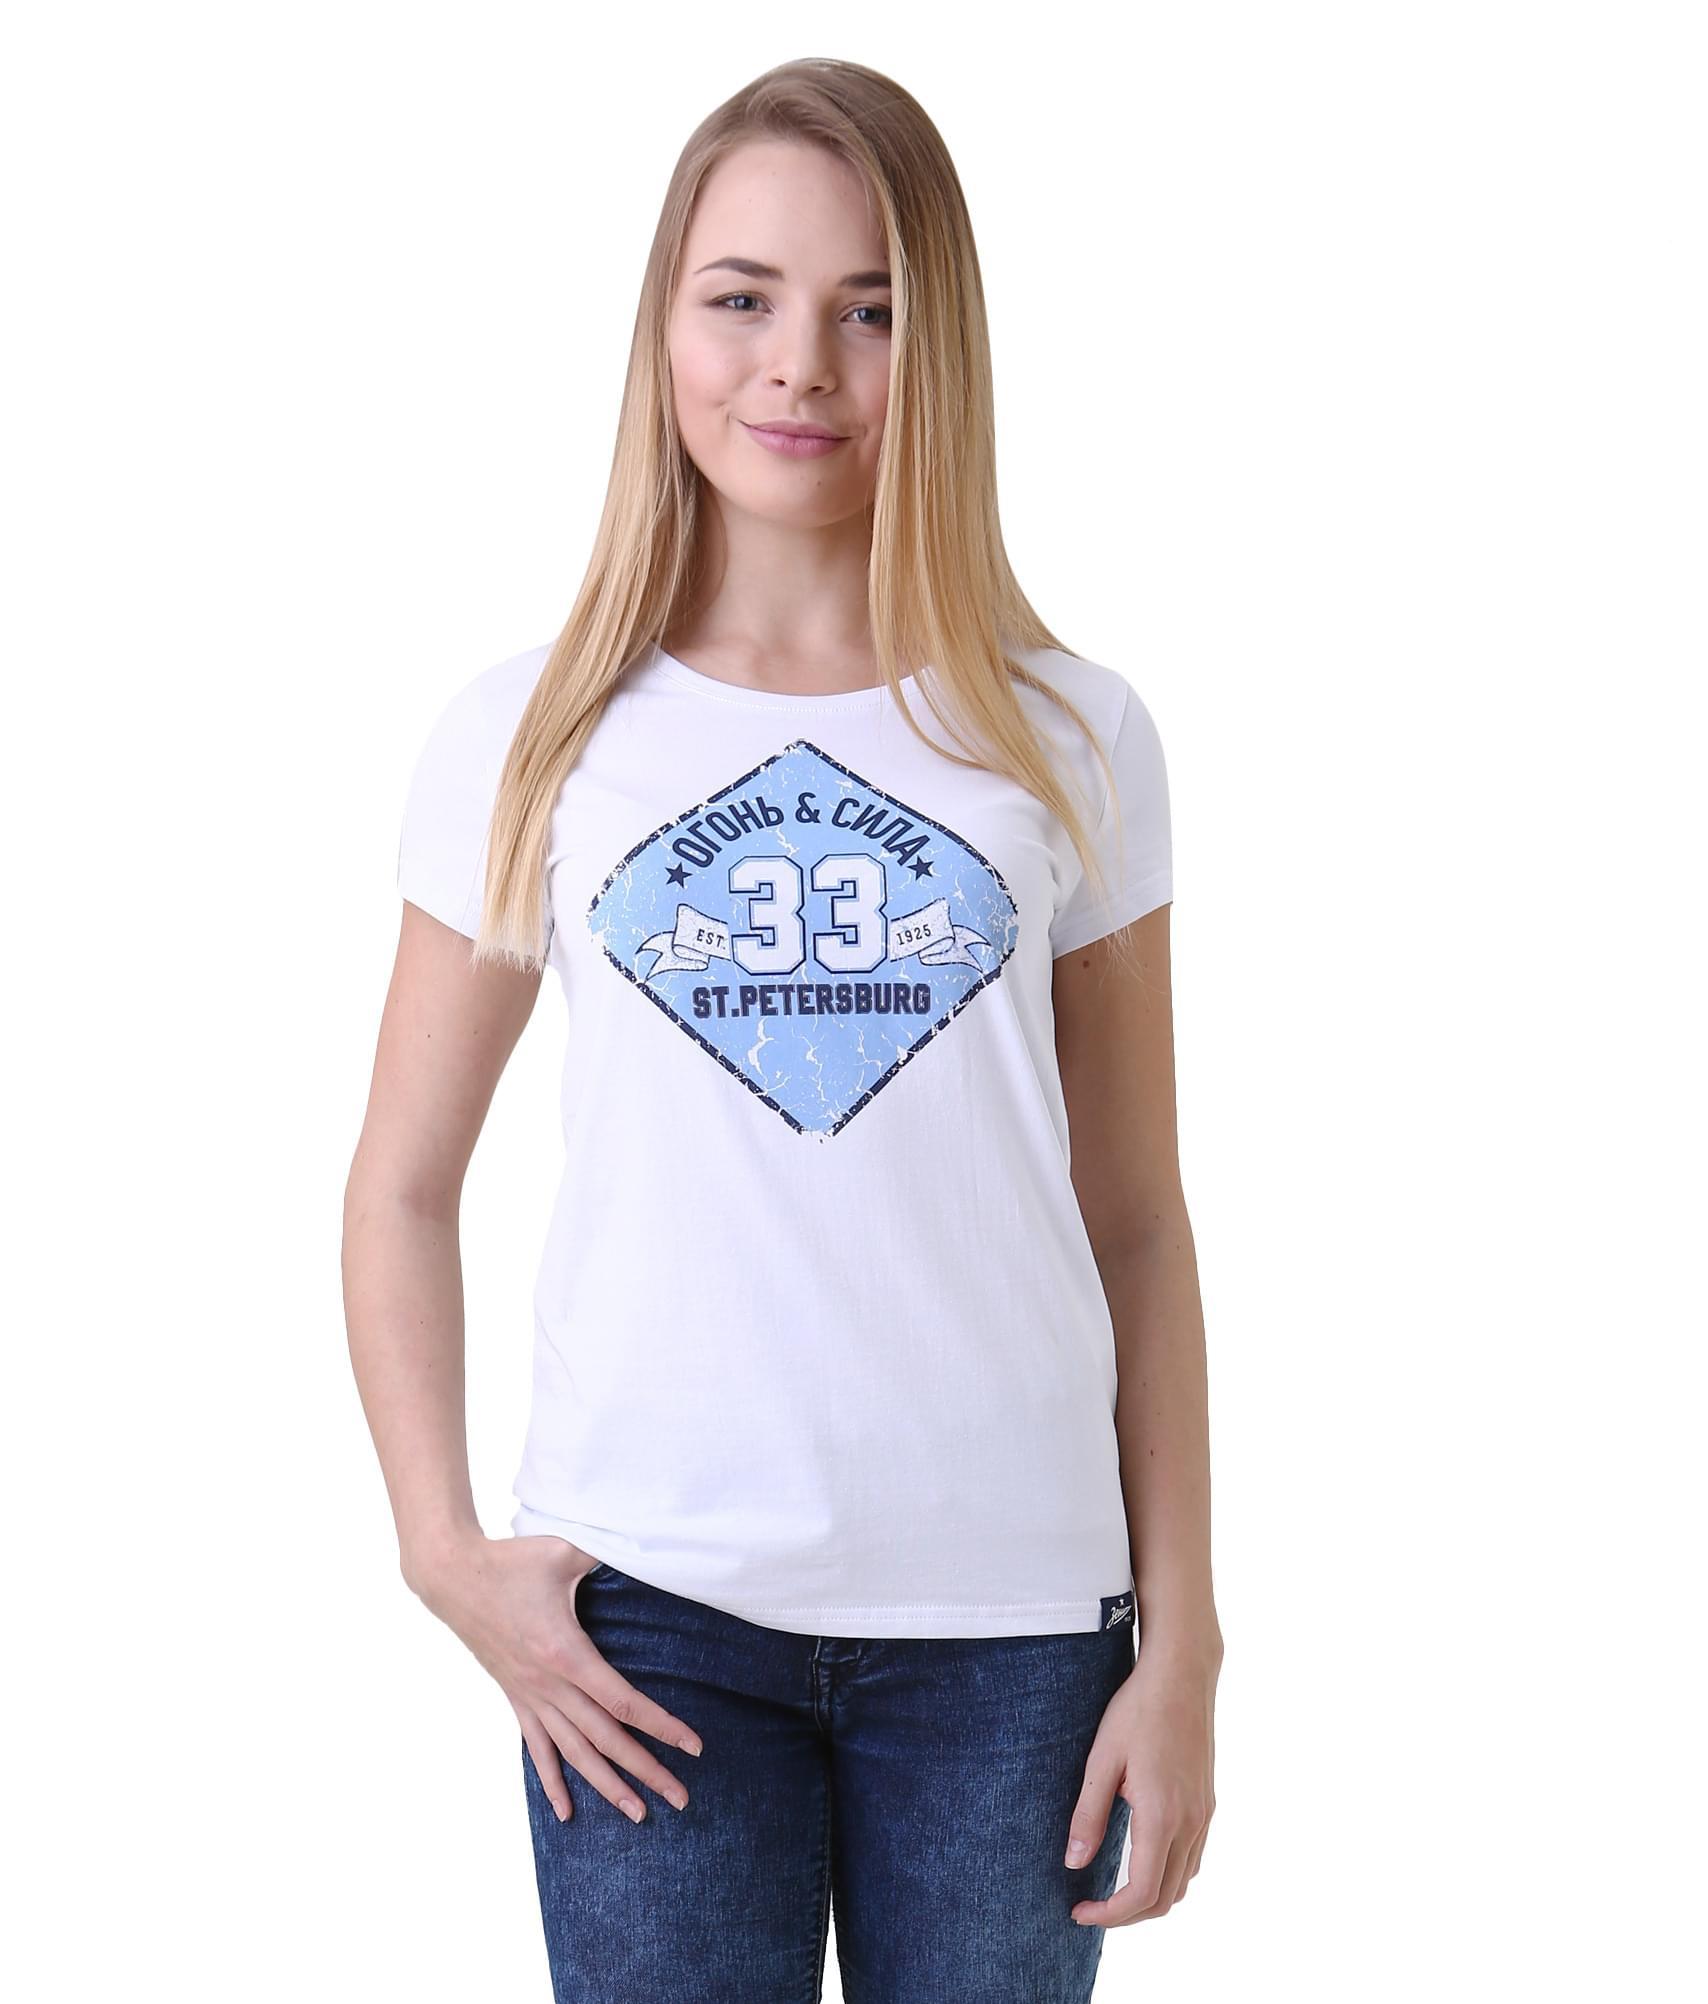 Футболка женская, Цвет-Белый, Размер-L футболка женская moodo цвет белый сиреневый серый l ts 2045 white размер m 46